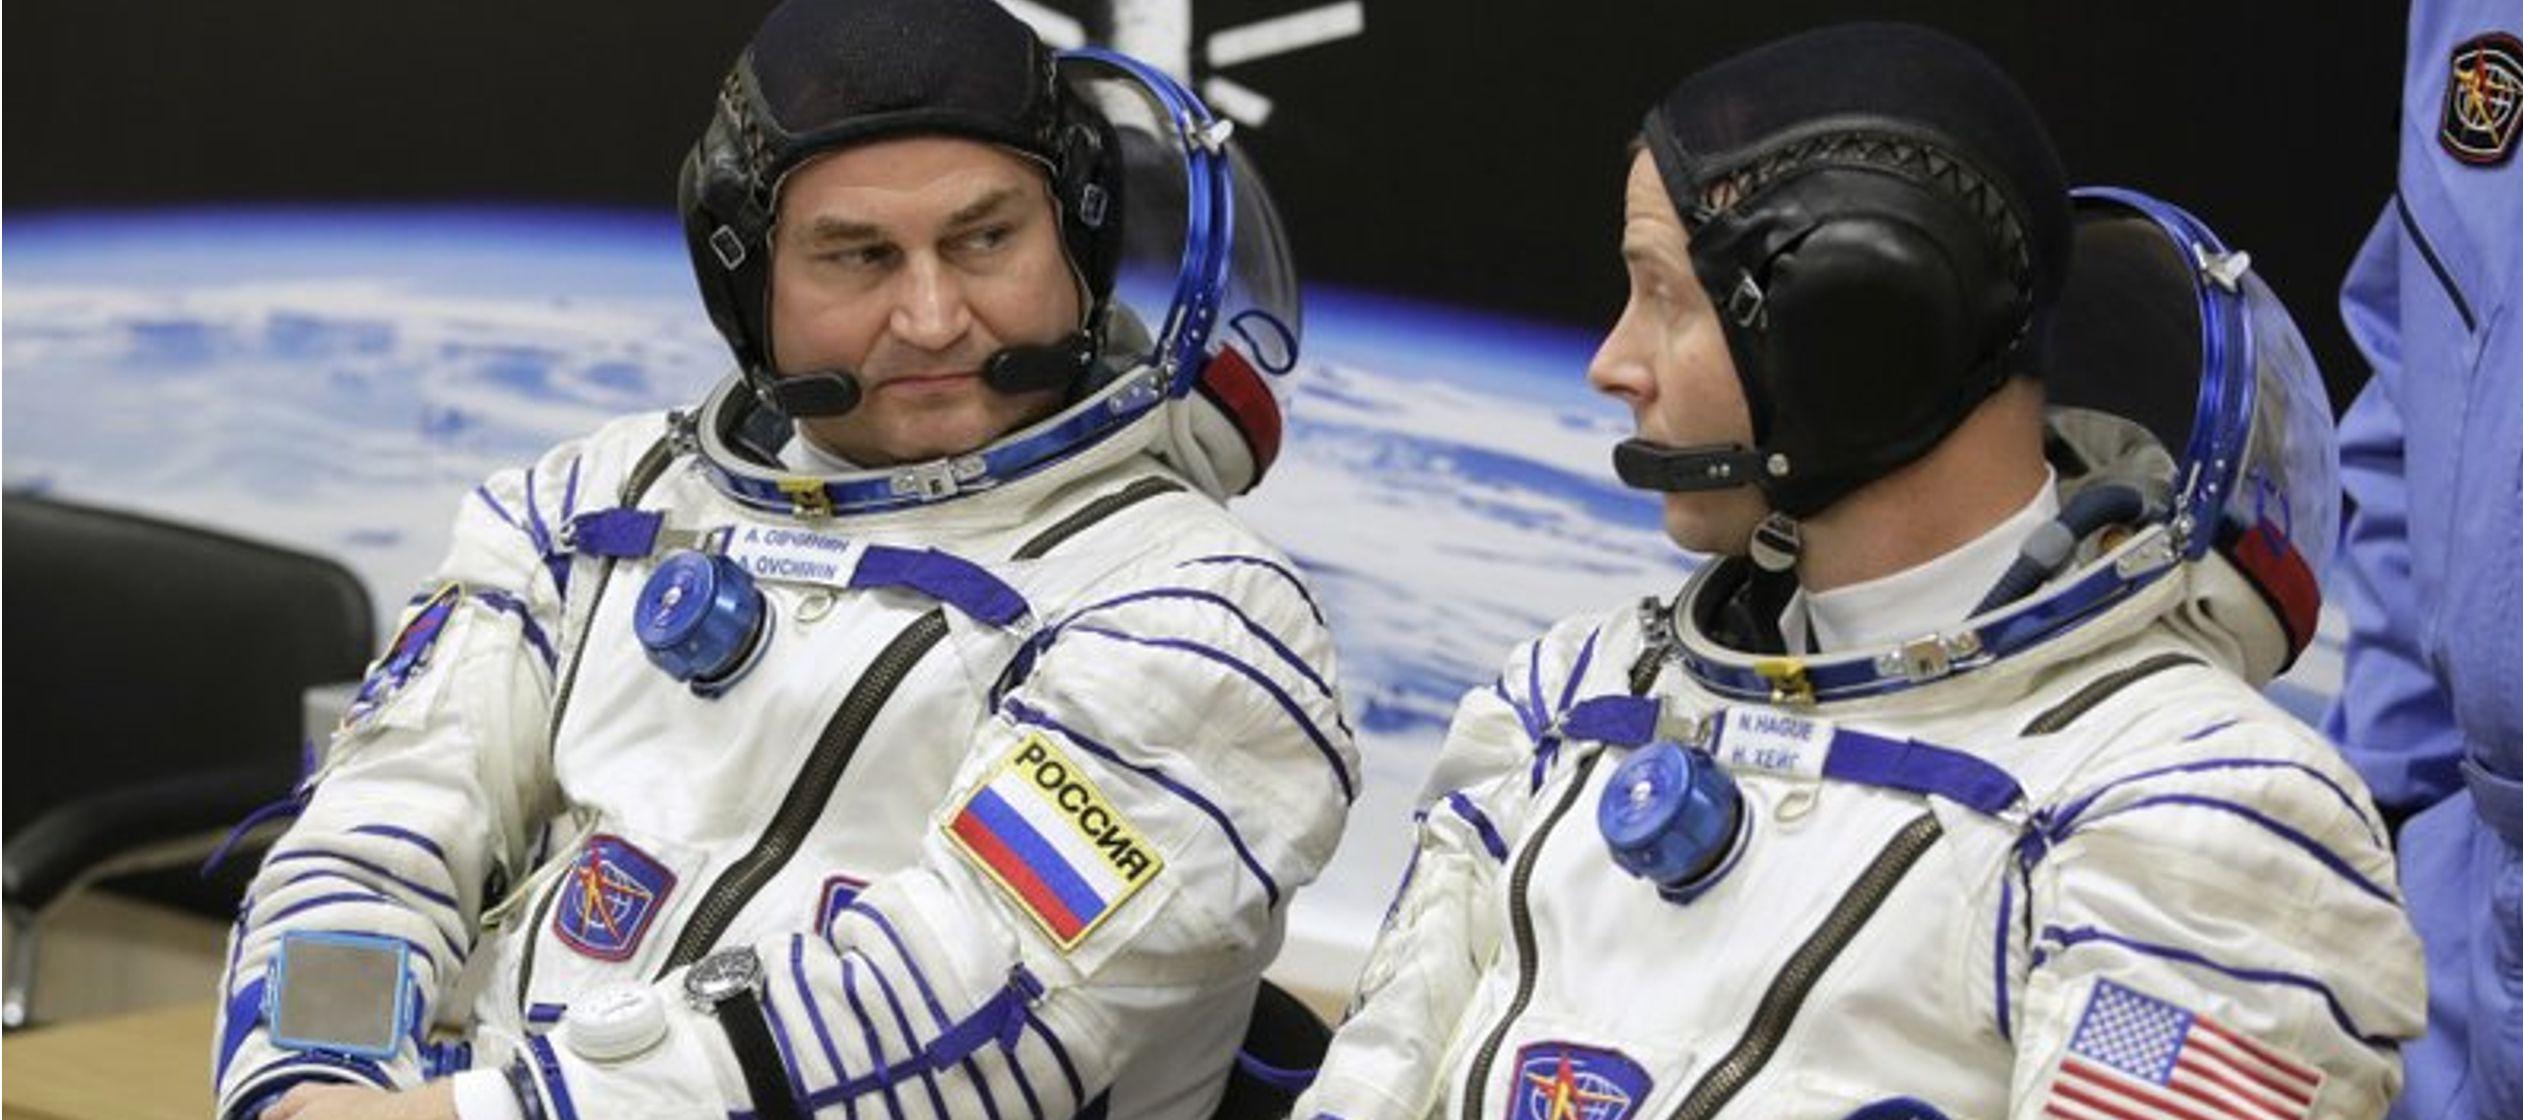 El problema fue el más reciente entre varios que ha tenido el programa espacial ruso que...